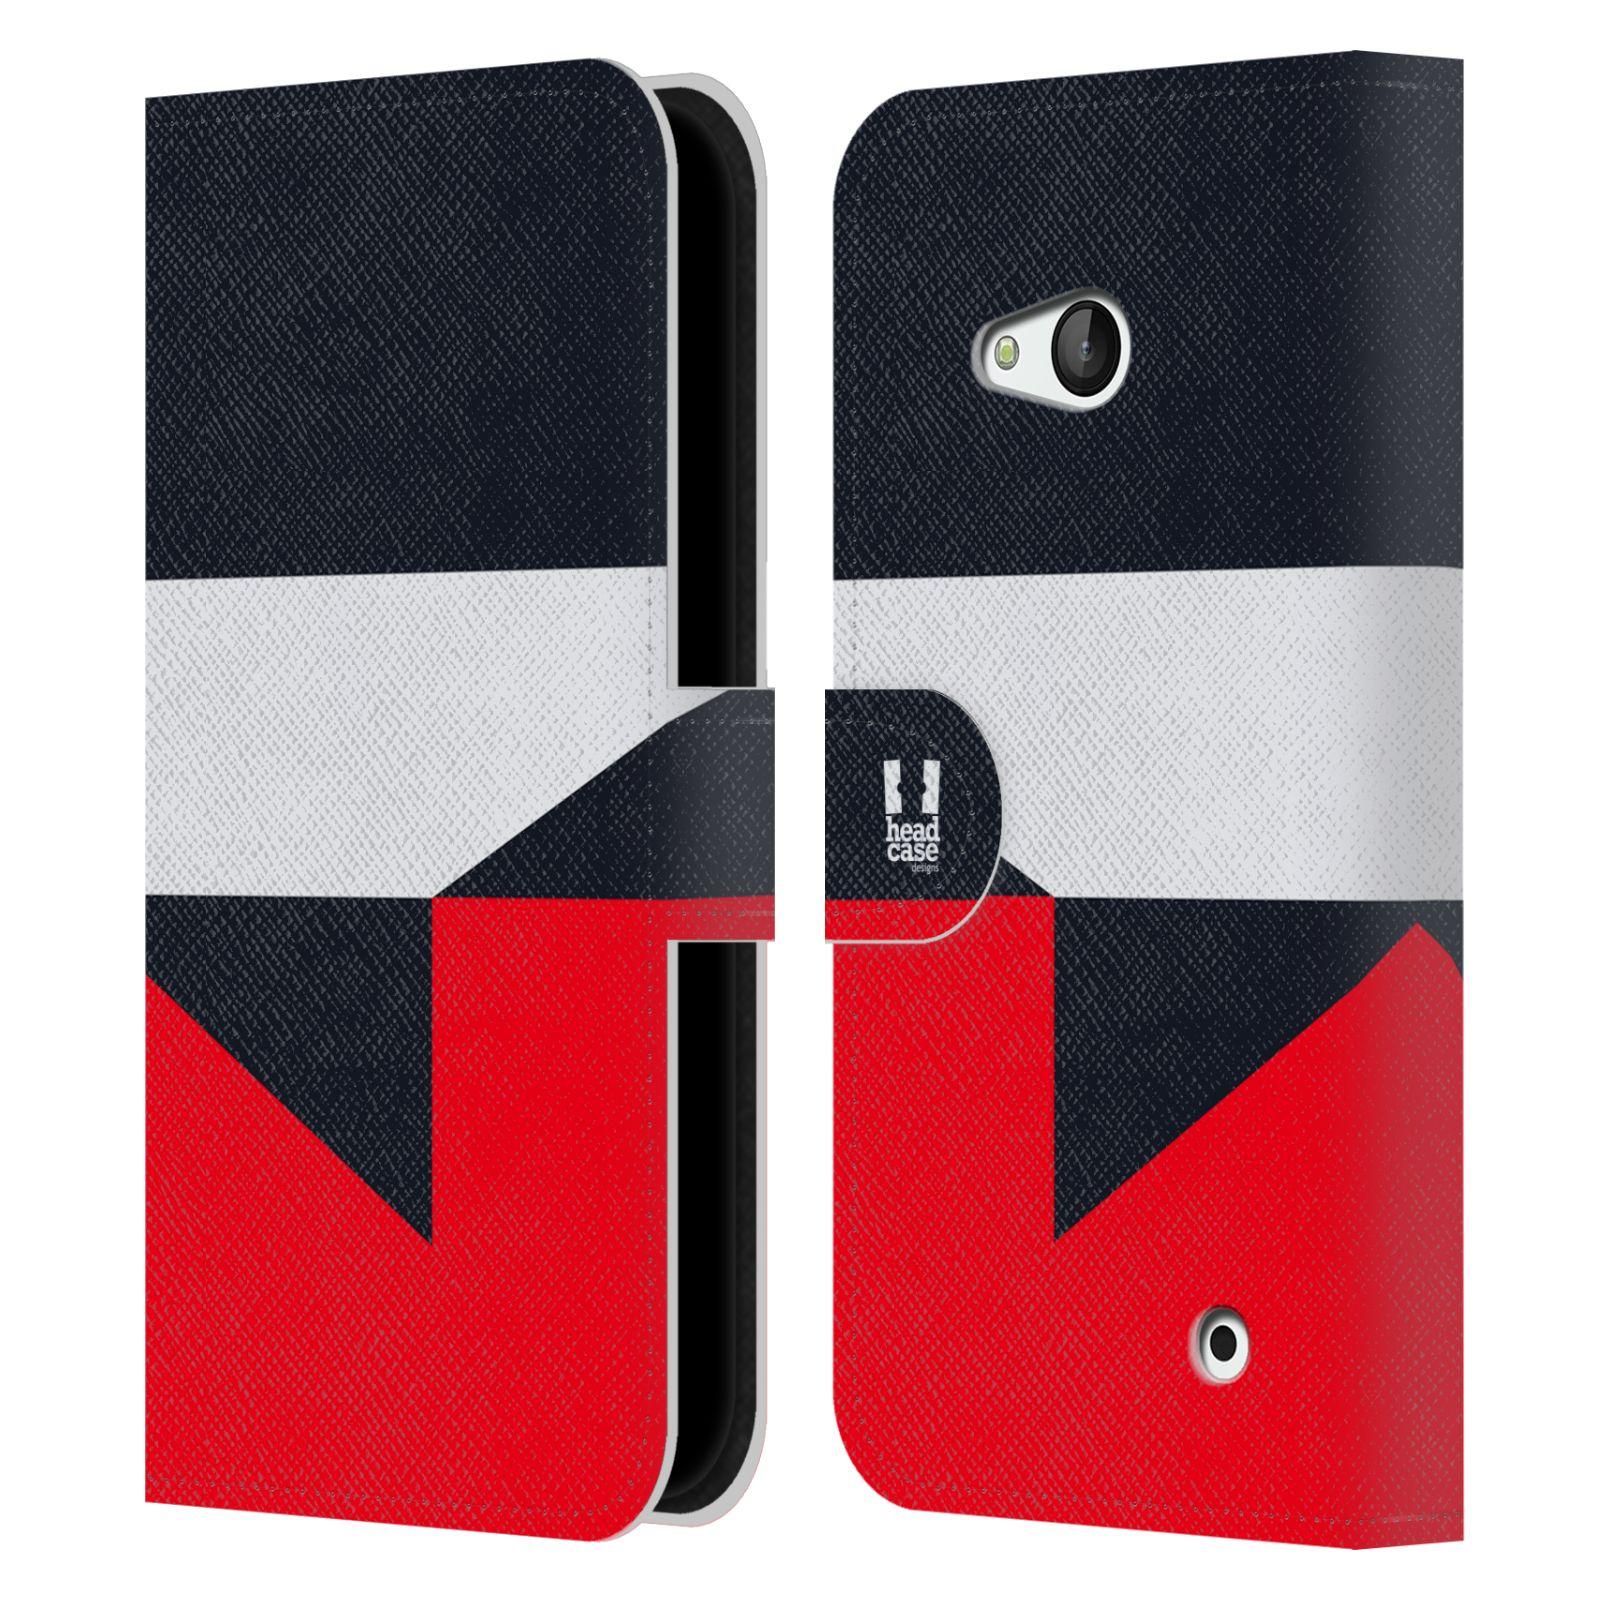 HEAD CASE Flipové pouzdro pro mobil Nokia LUMIA 640 barevné tvary černá a červená gejša